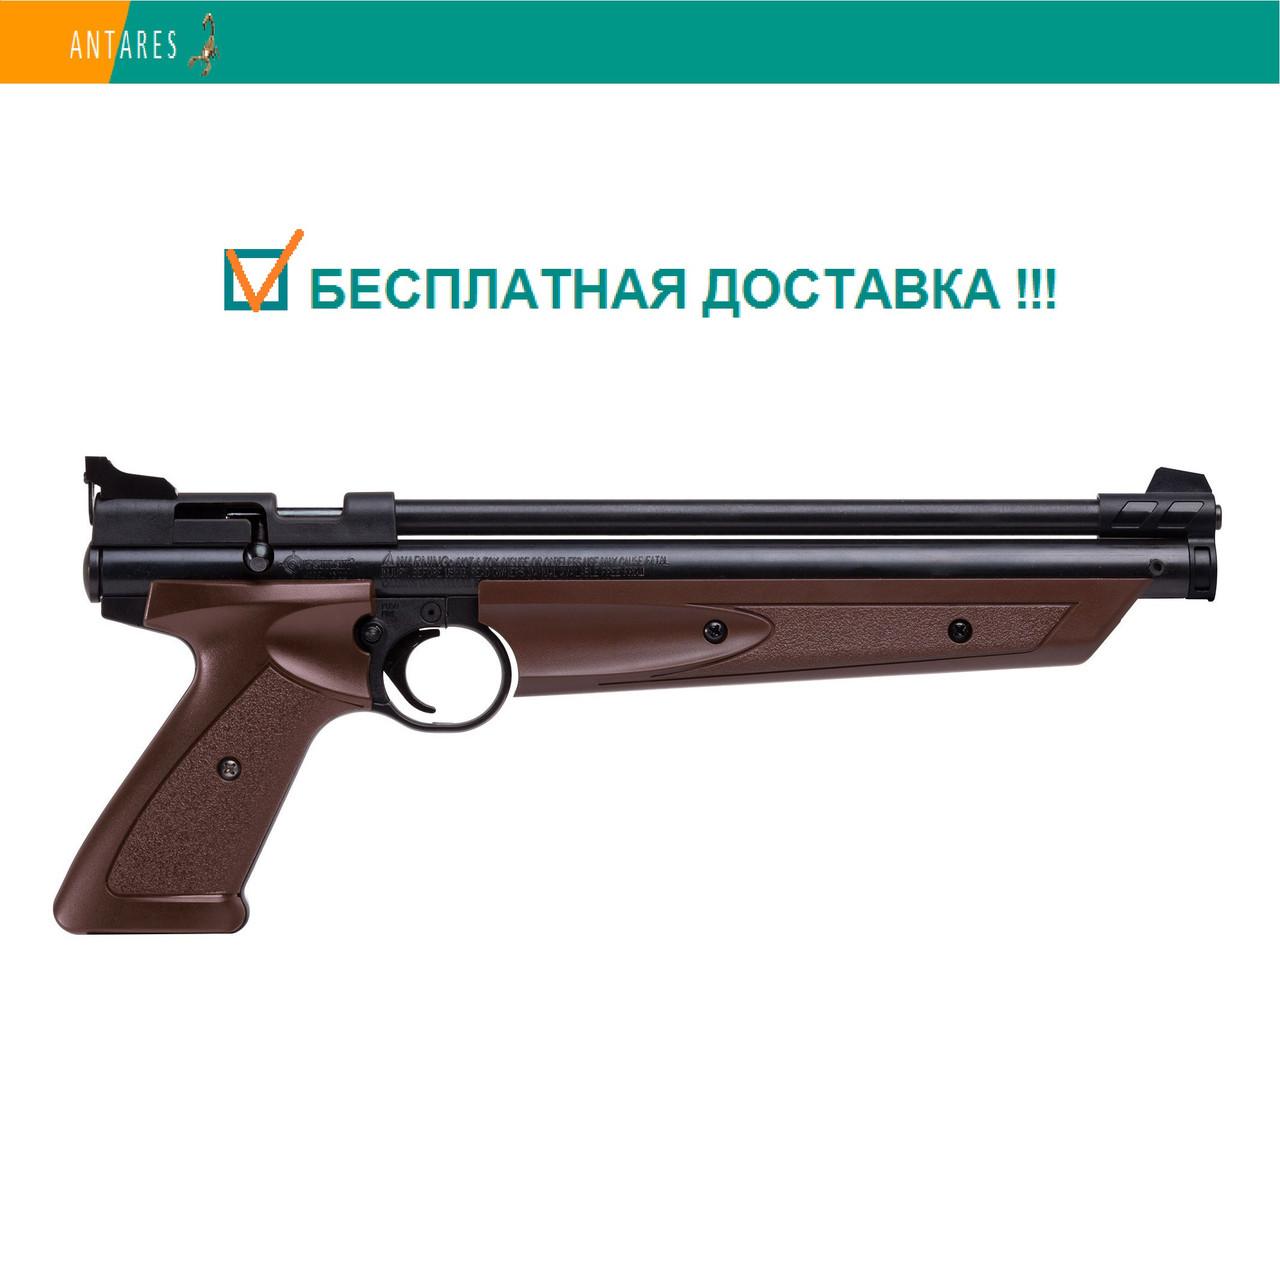 Пневматический пистолет Crosman American Classic P1377BR коричневый мультикомпрессионный 183 м/с